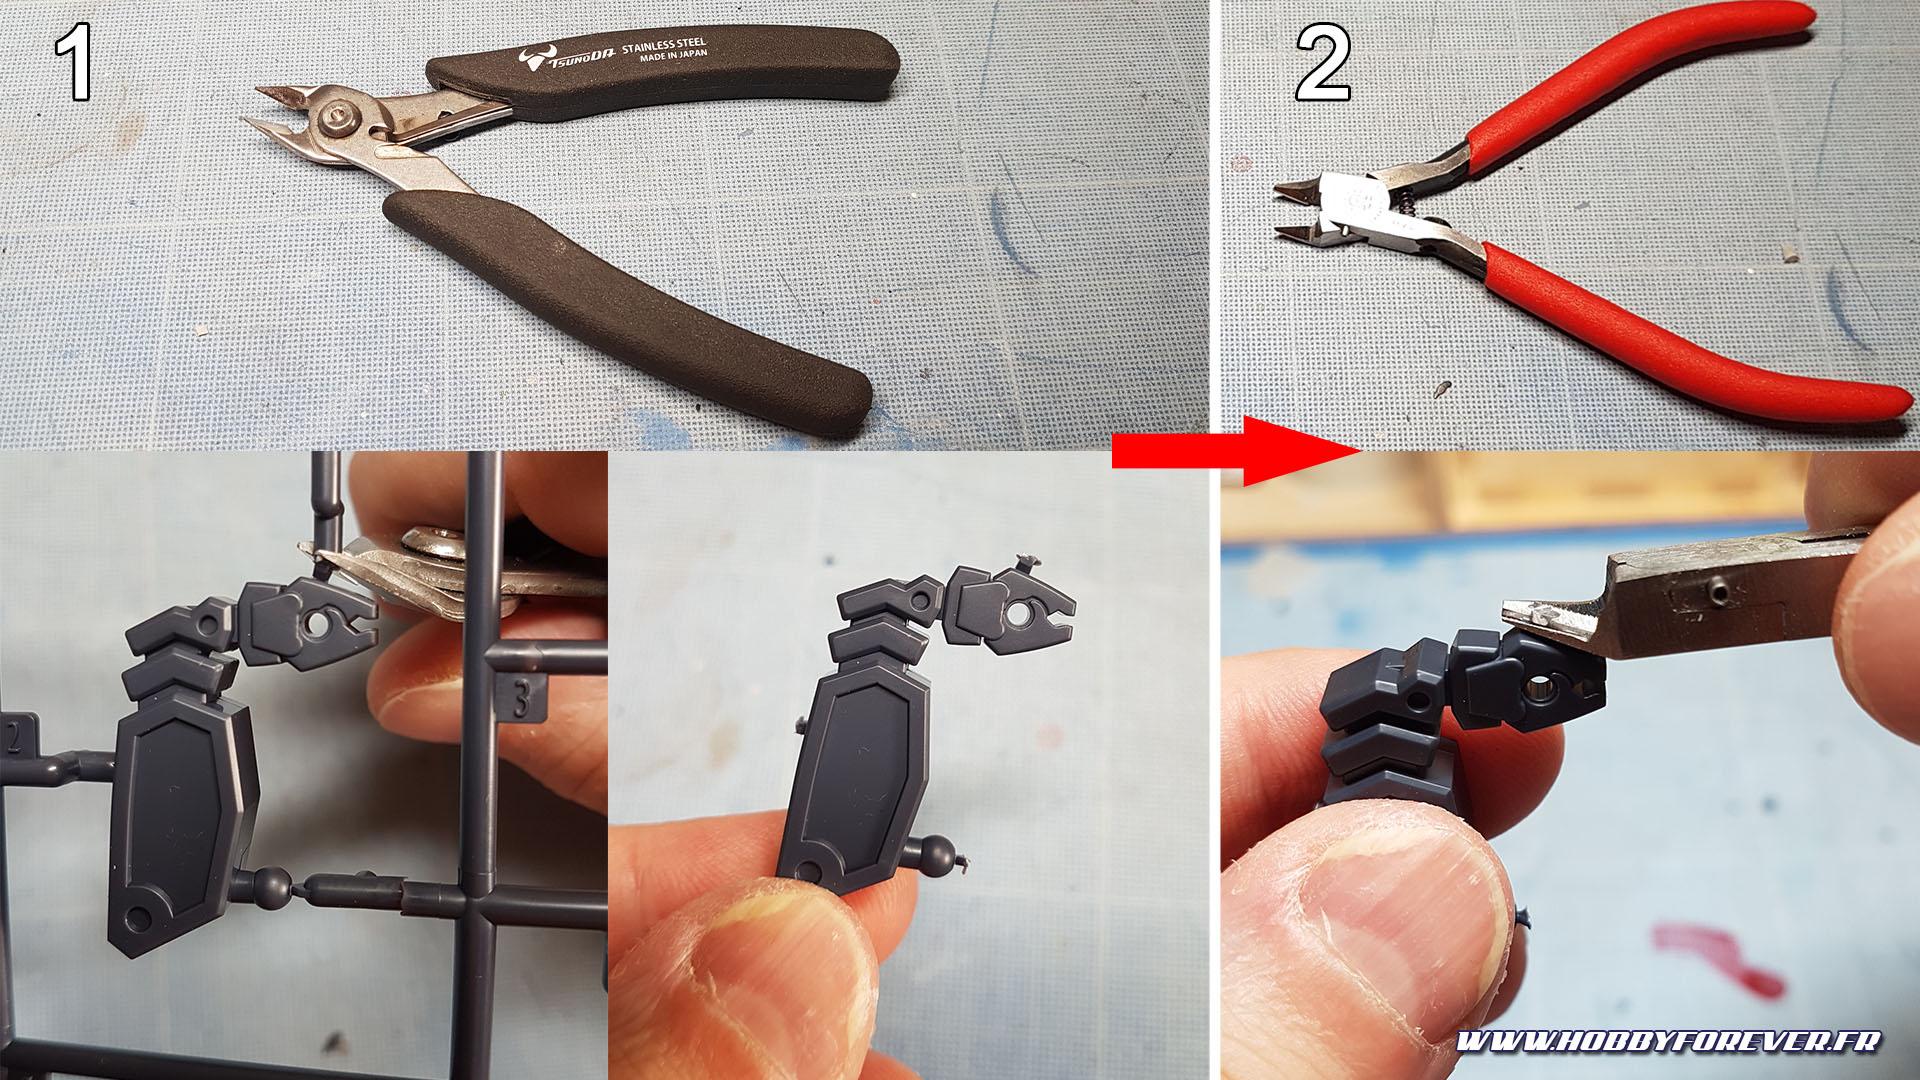 Toujours utiliser une pince robuste pour détacher les pièces avant de finir le travail avec une single blade !